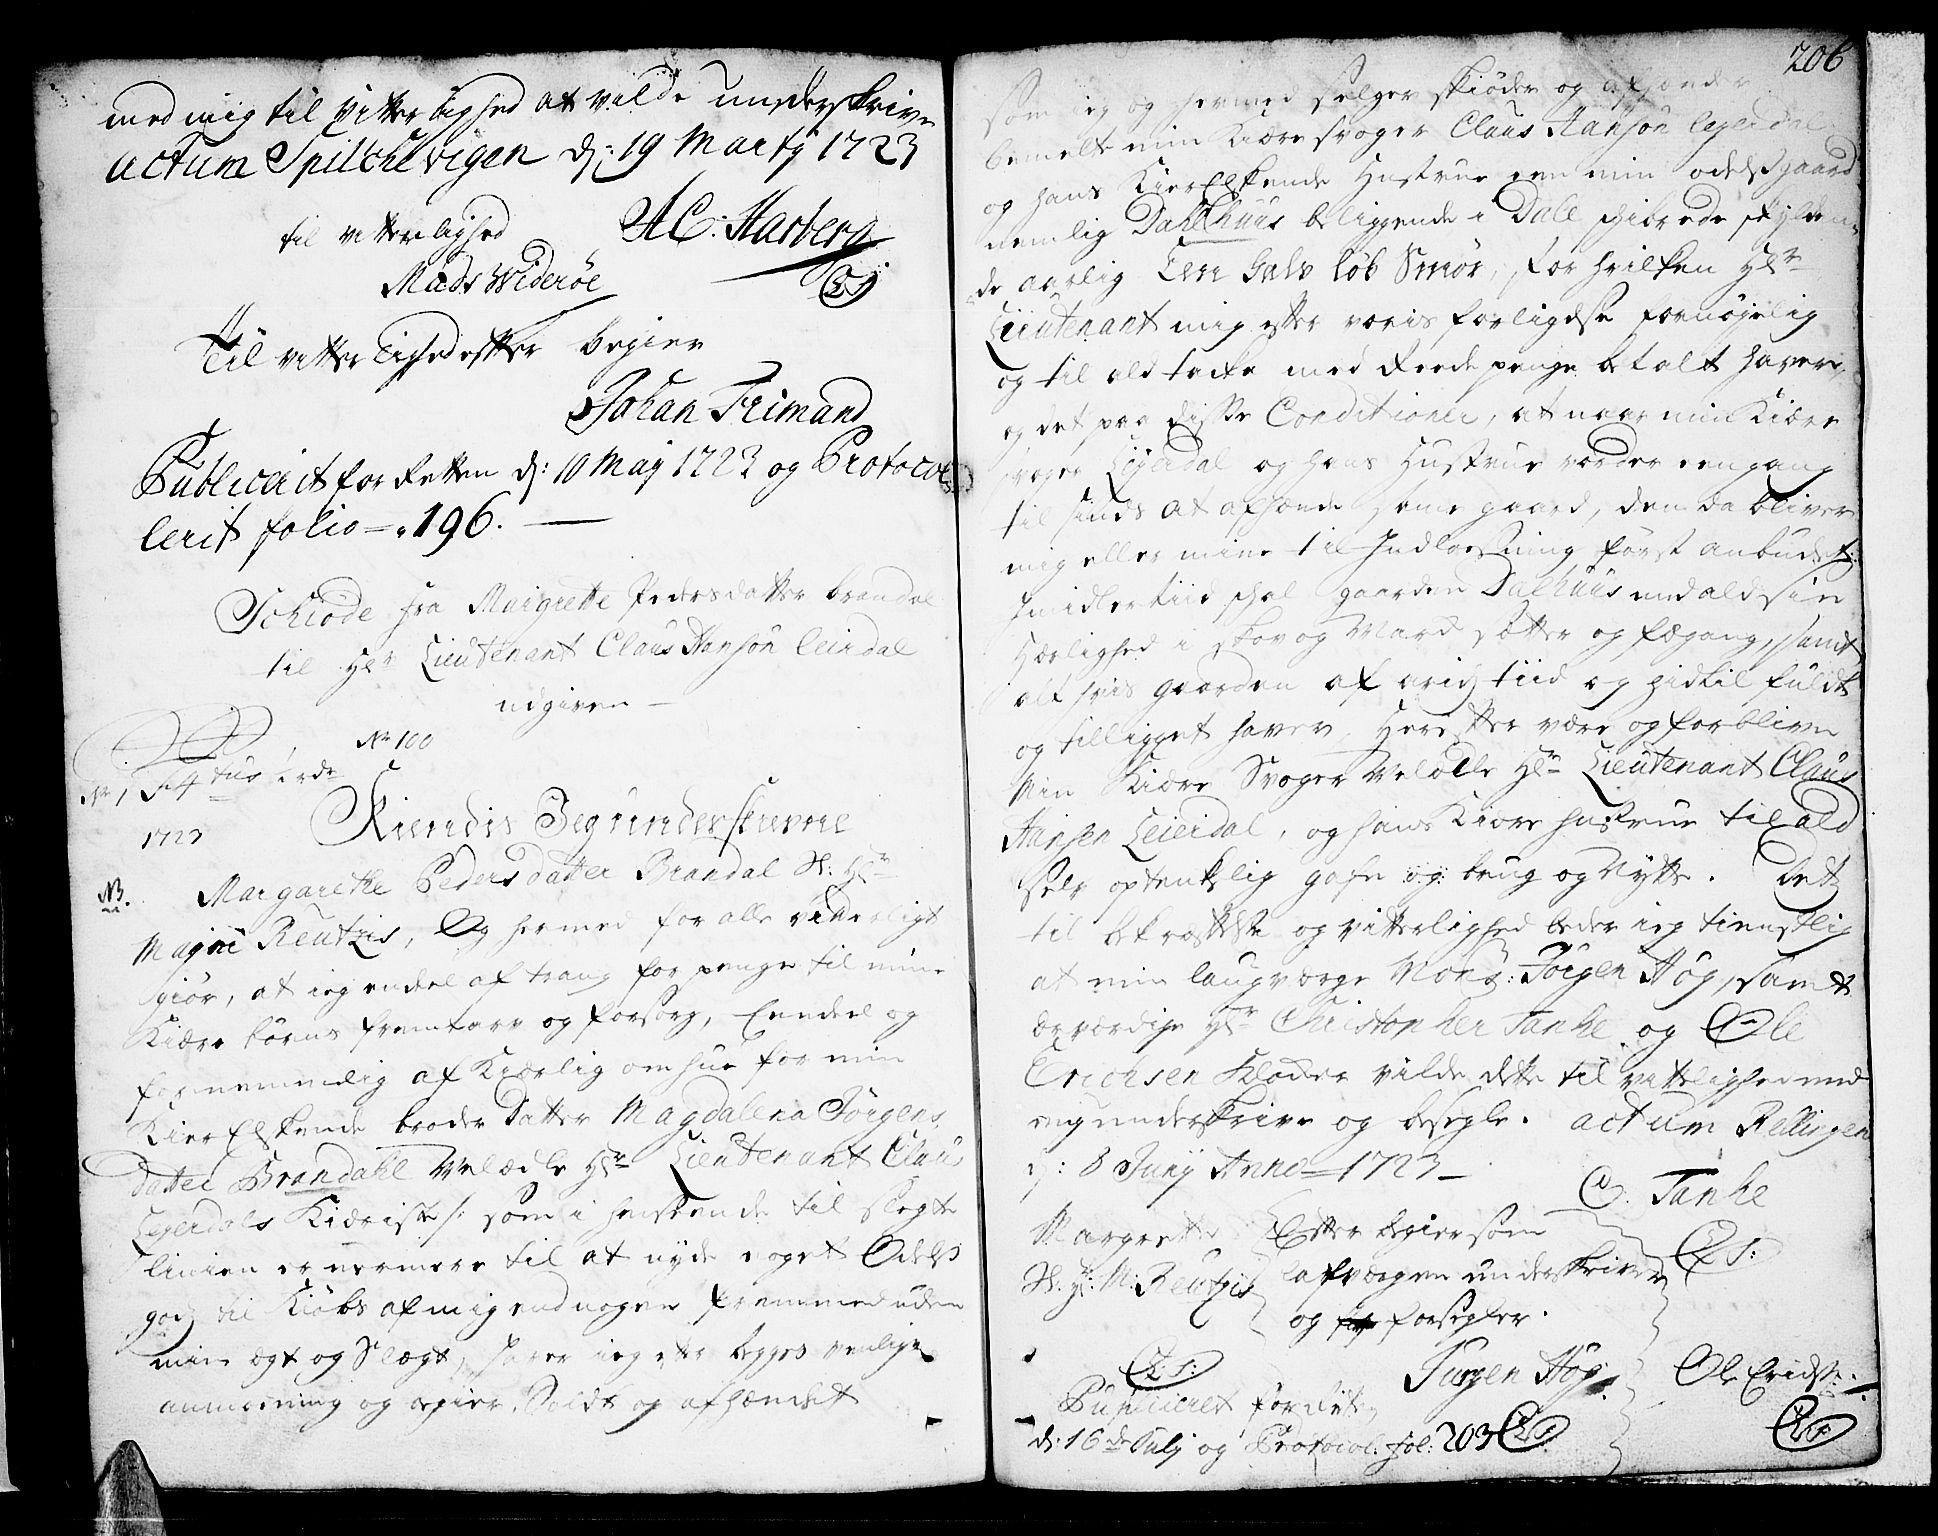 SAT, Sunnmøre sorenskriveri, 2/2C/L0001: Mortgage book no. 1, 1707-1724, p. 206